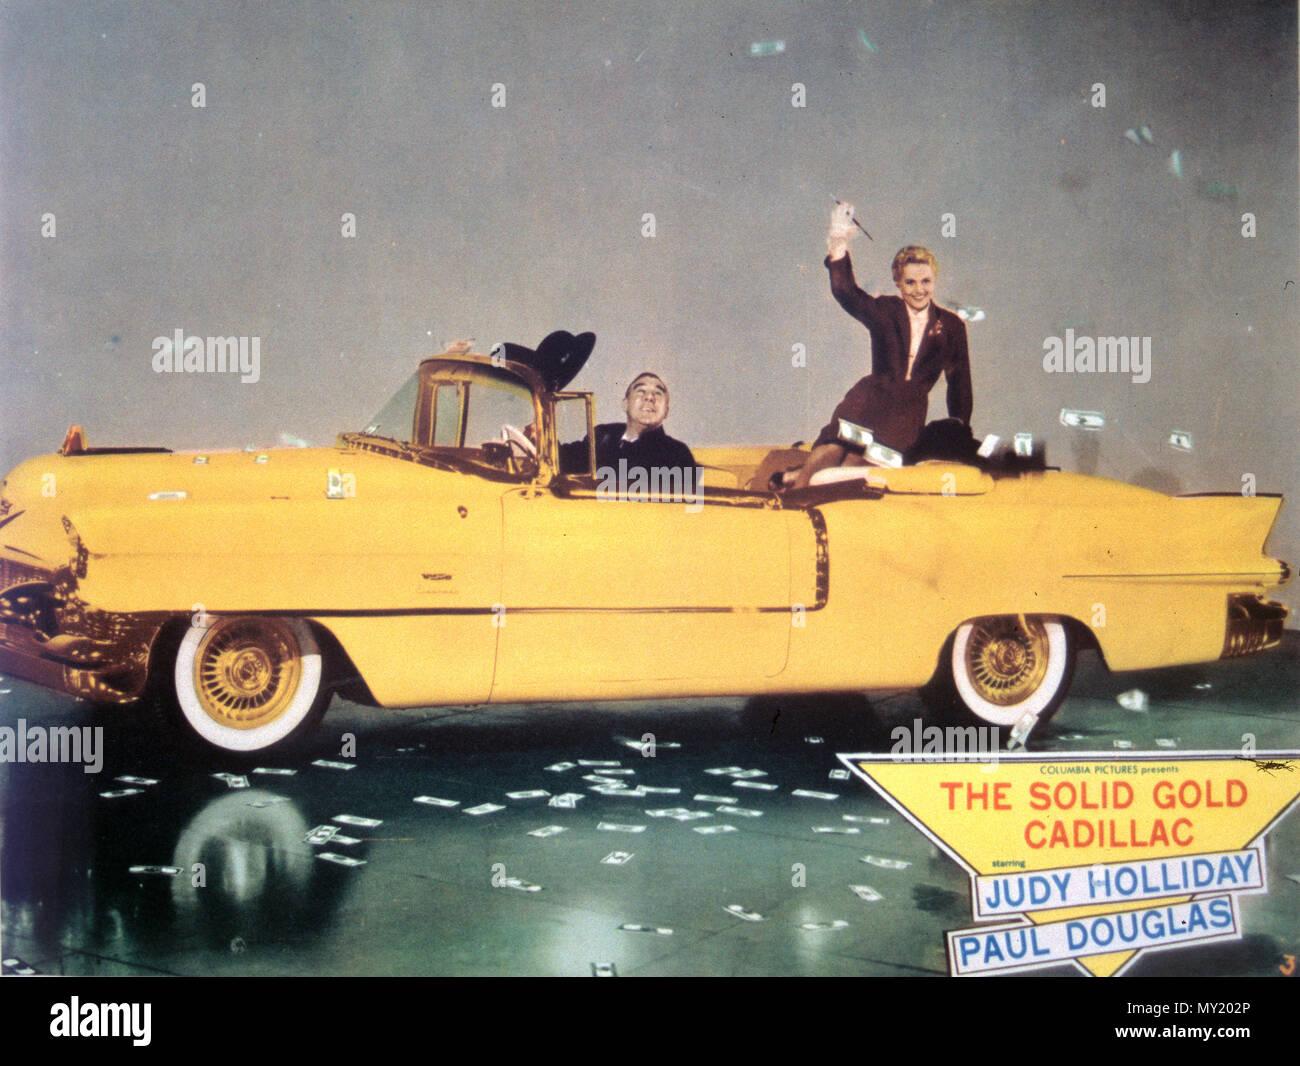 Il solido oro CADILLAC 1956 Columbia Pictures Film con Judy Holliday e Paul Douglas Immagini Stock